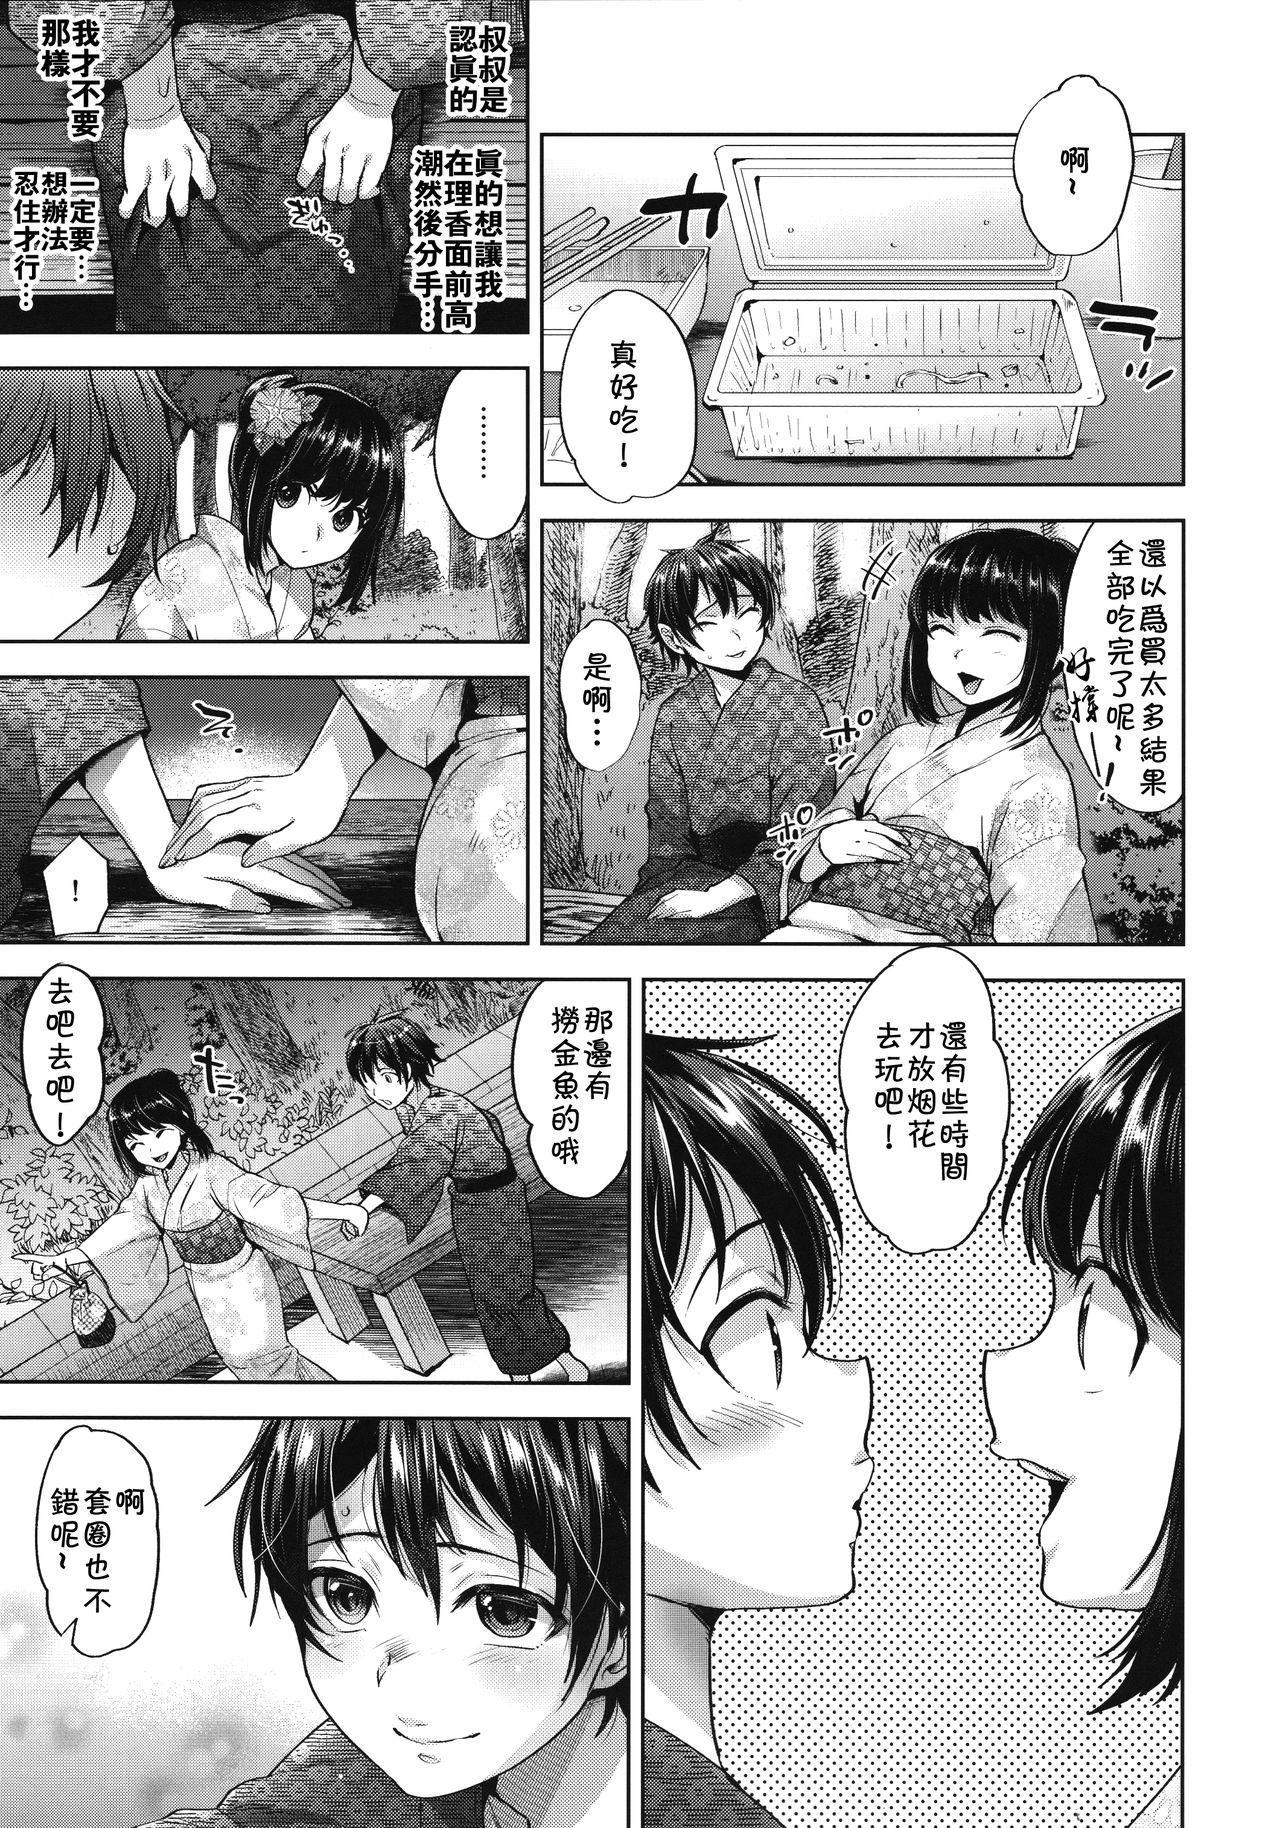 Hanabi no Yoru no Himitsu 9